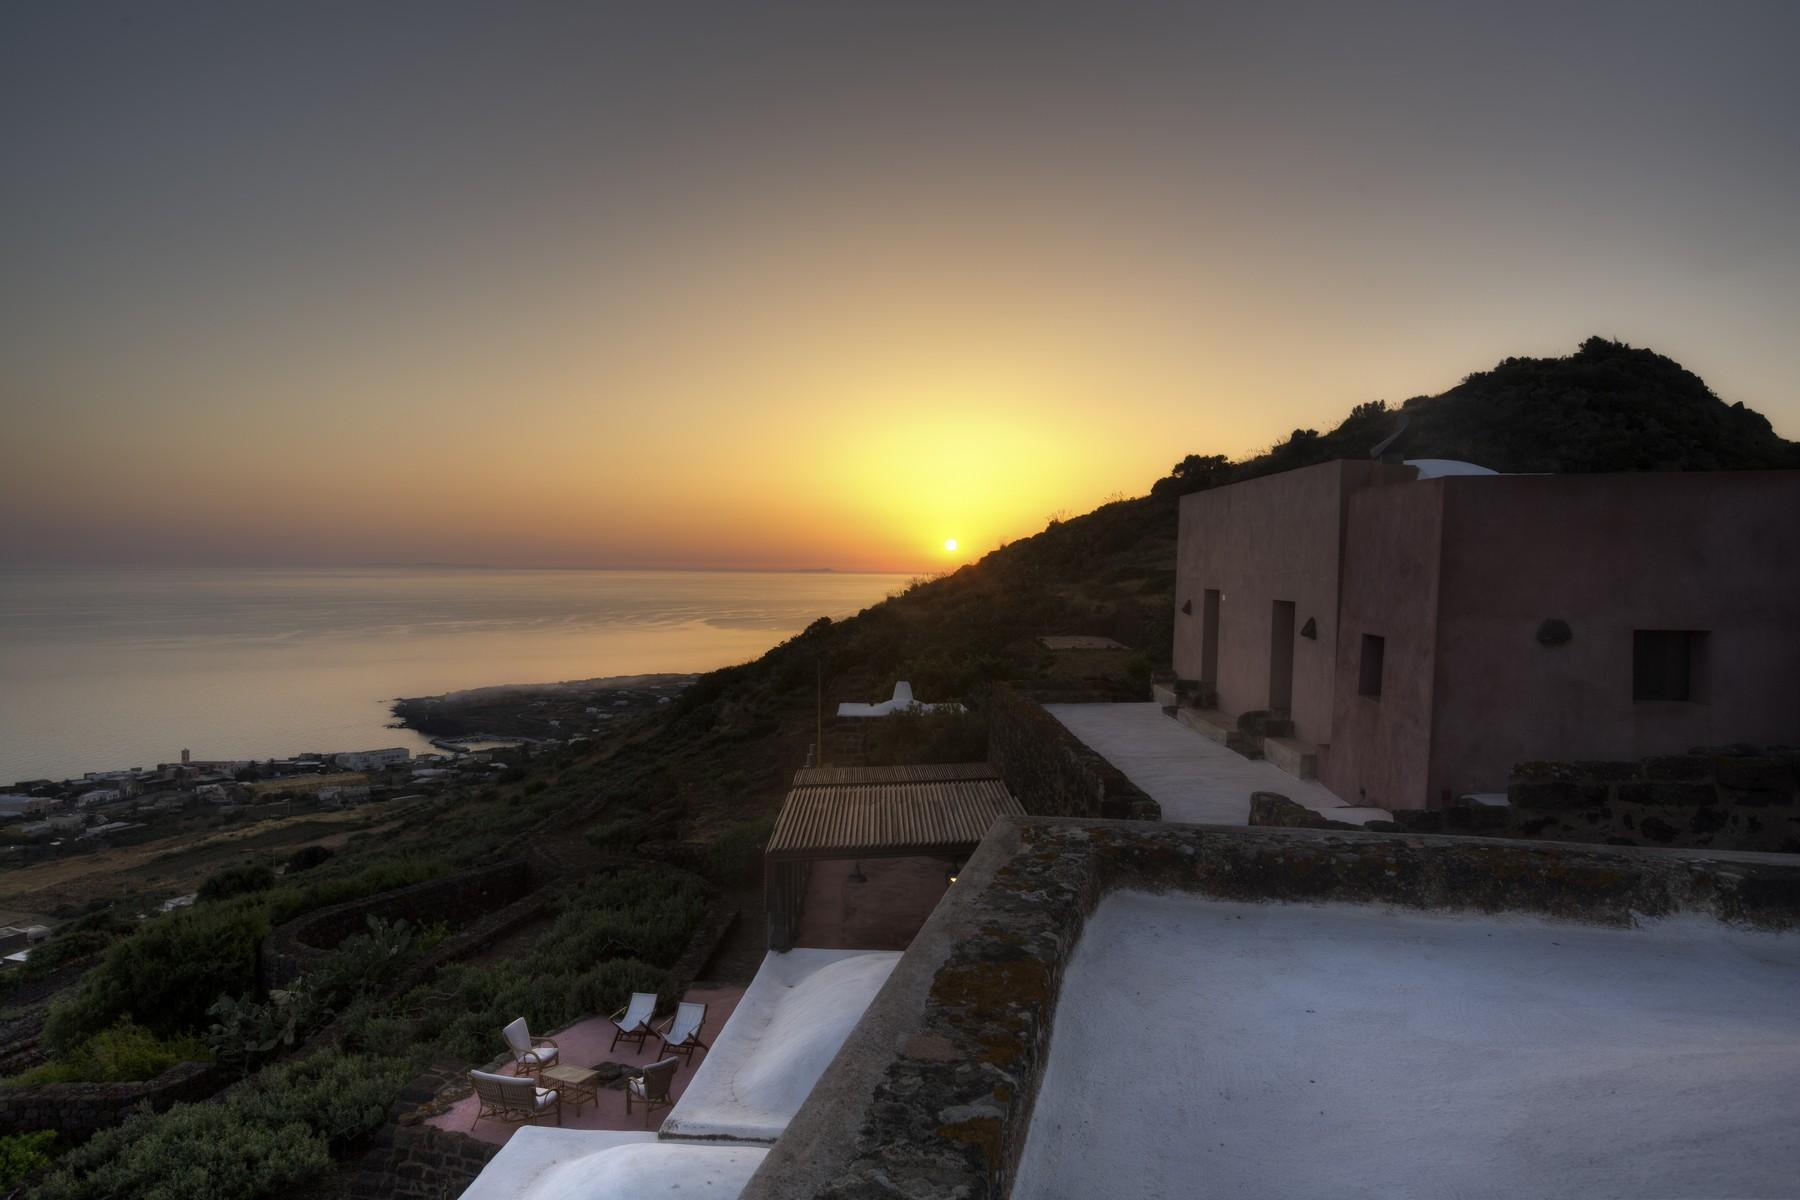 独特的Pantelleria岛上的纯净天堂 - 20